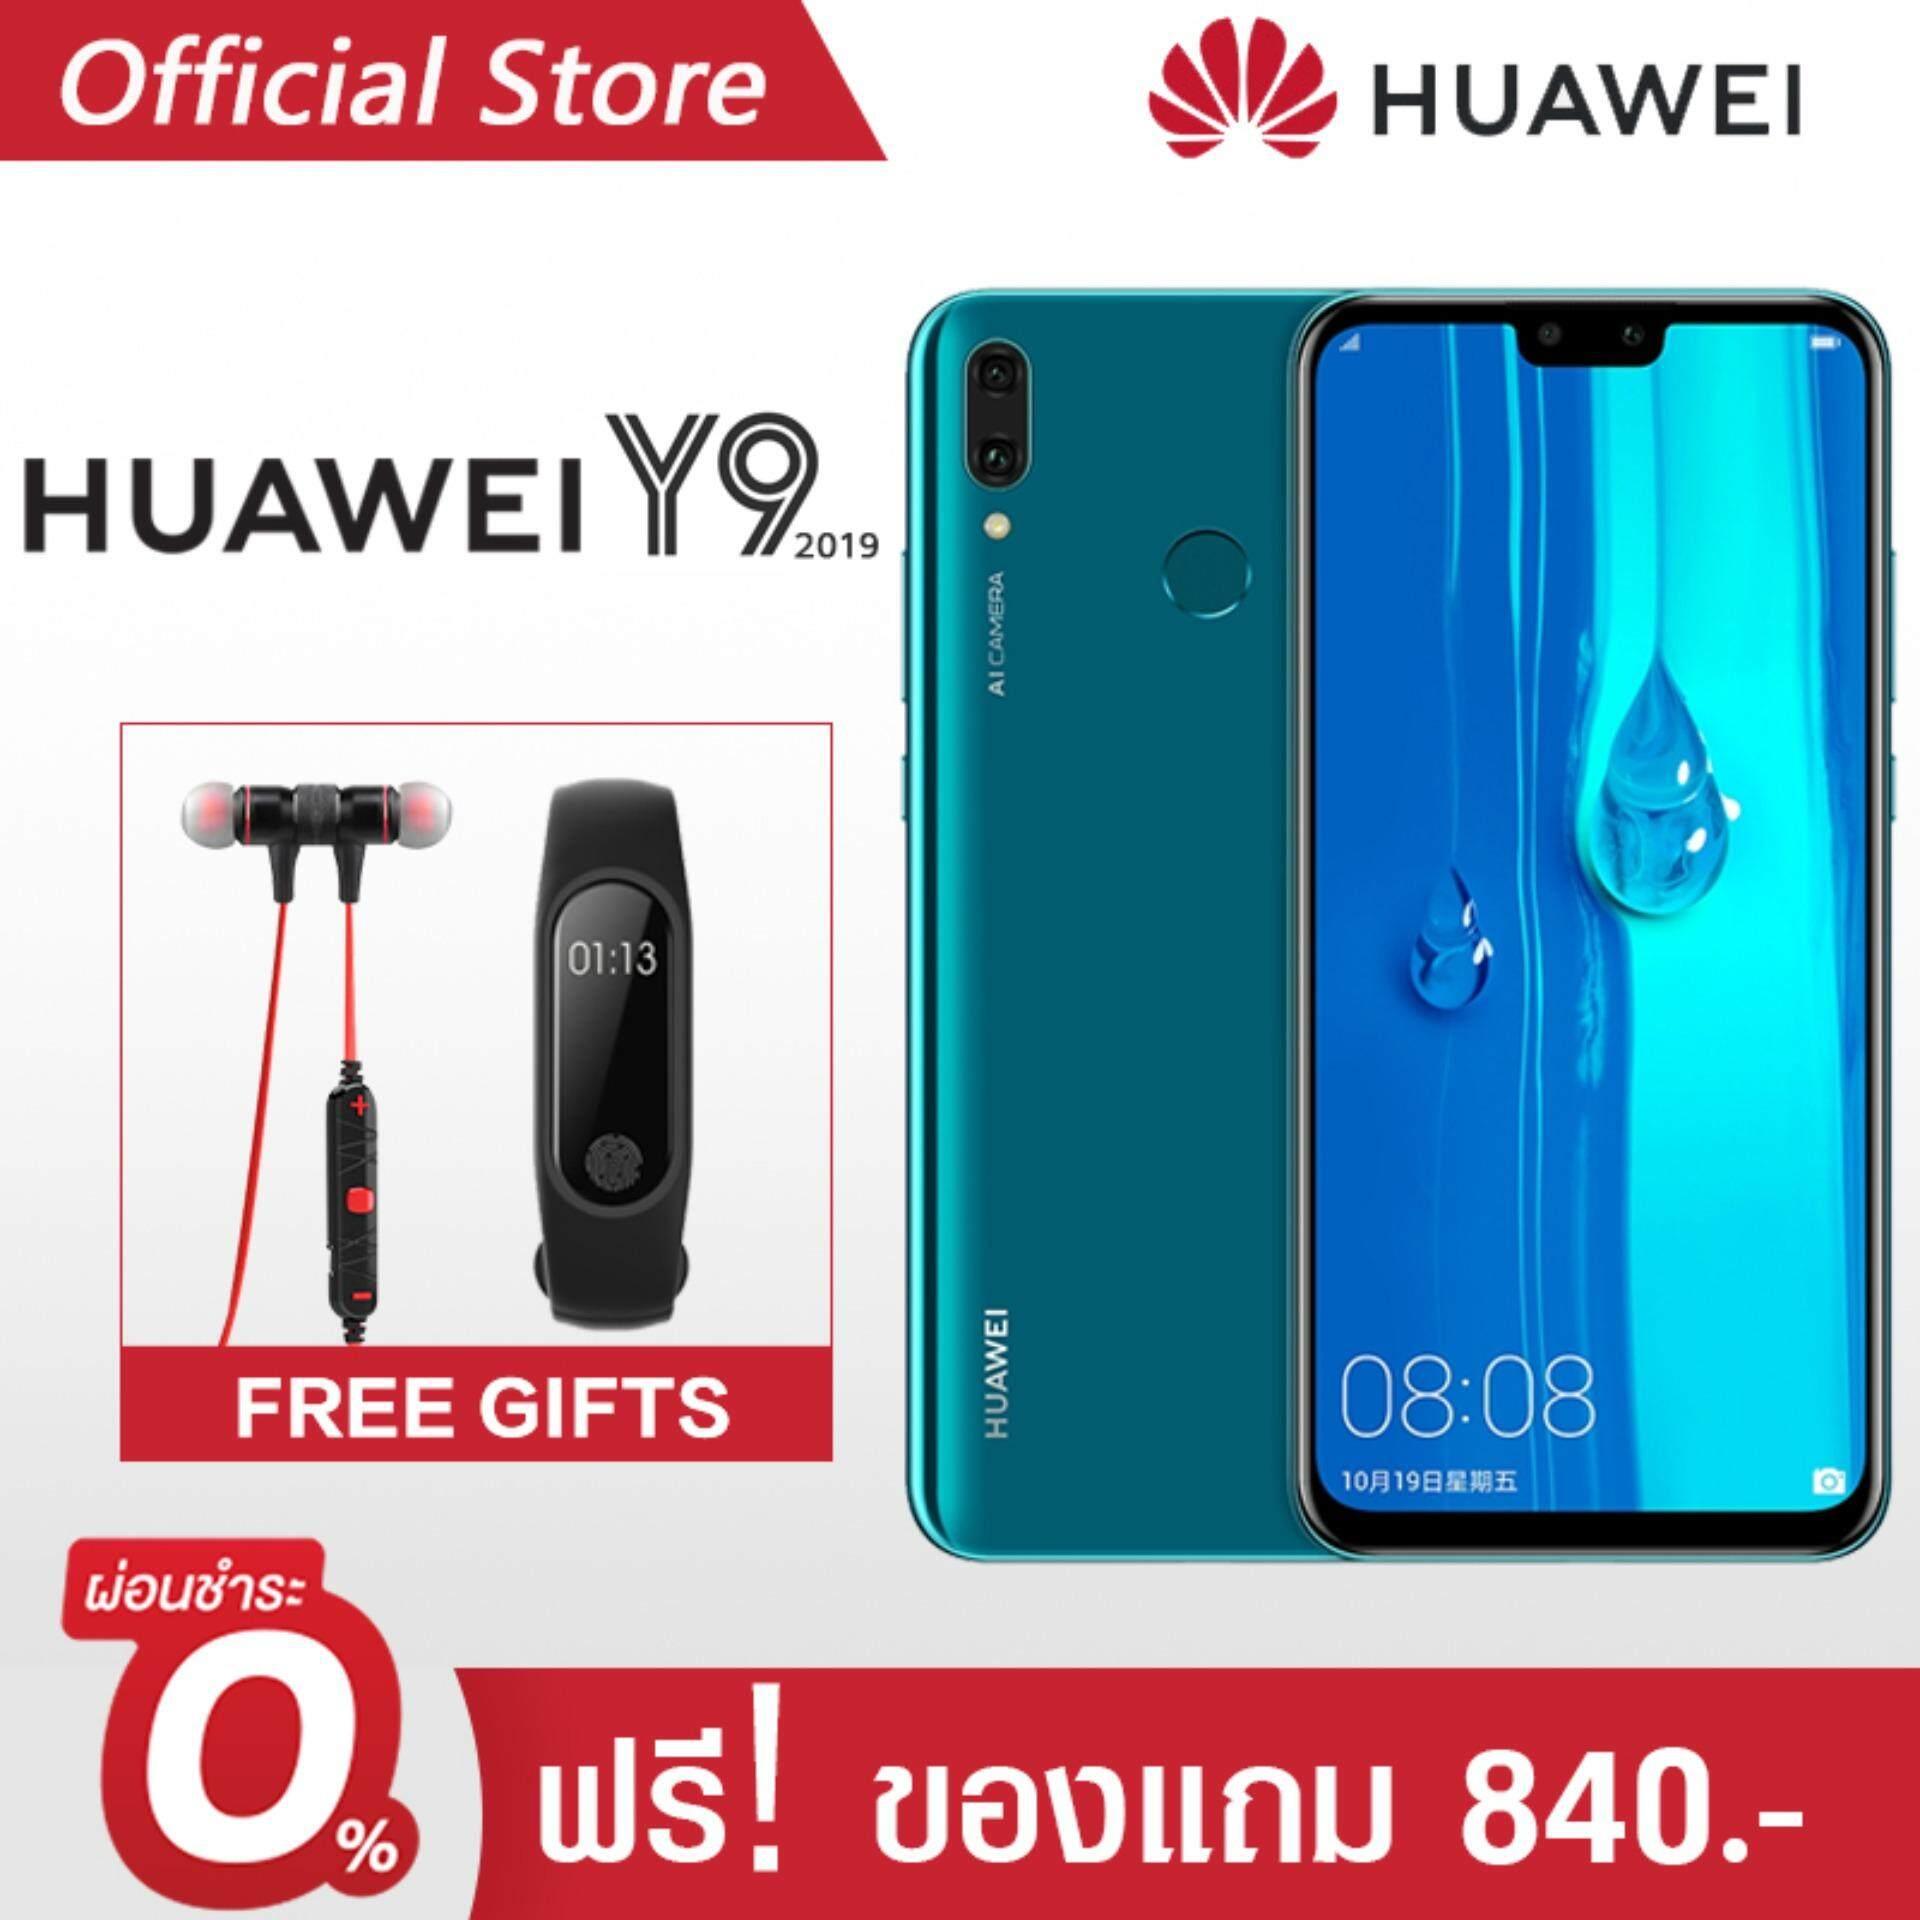 [ผ่อน 0% 10 เดือน +Special Gifts] Huawei Y9 2019 *4 GB /64 GB 4 กล้อง พร้อม AI*พร้อมของแถม Awei headset+M2 Sports Band*